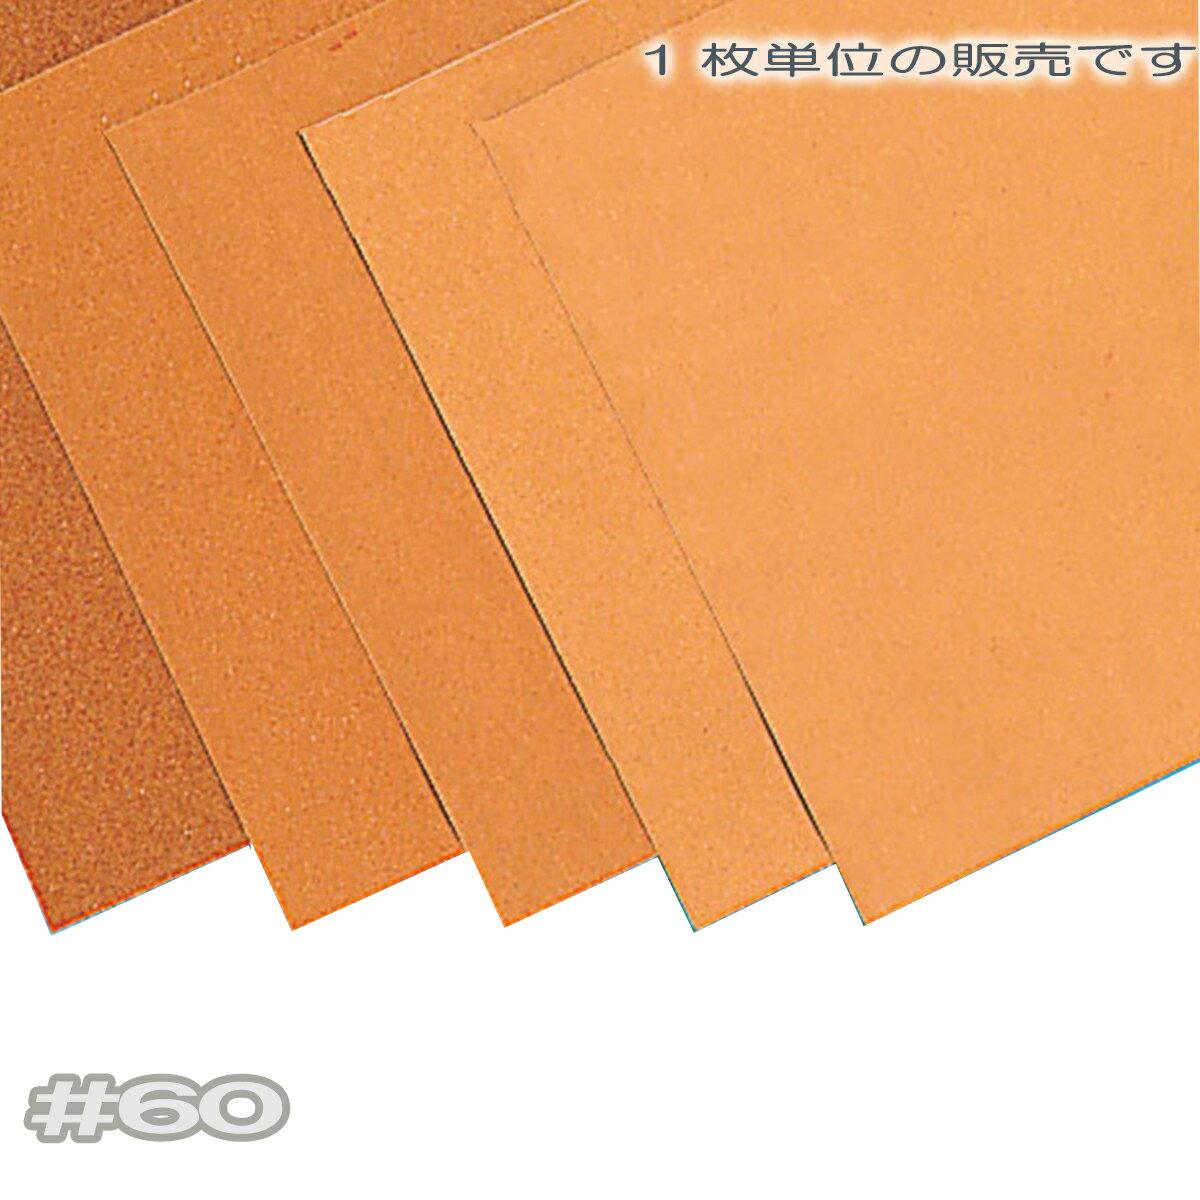 [ ゆうパケット可 ] 紙やすり 228×280mm 単品 #60 荒目 【 木工 木彫 木工具 紙やすり 】